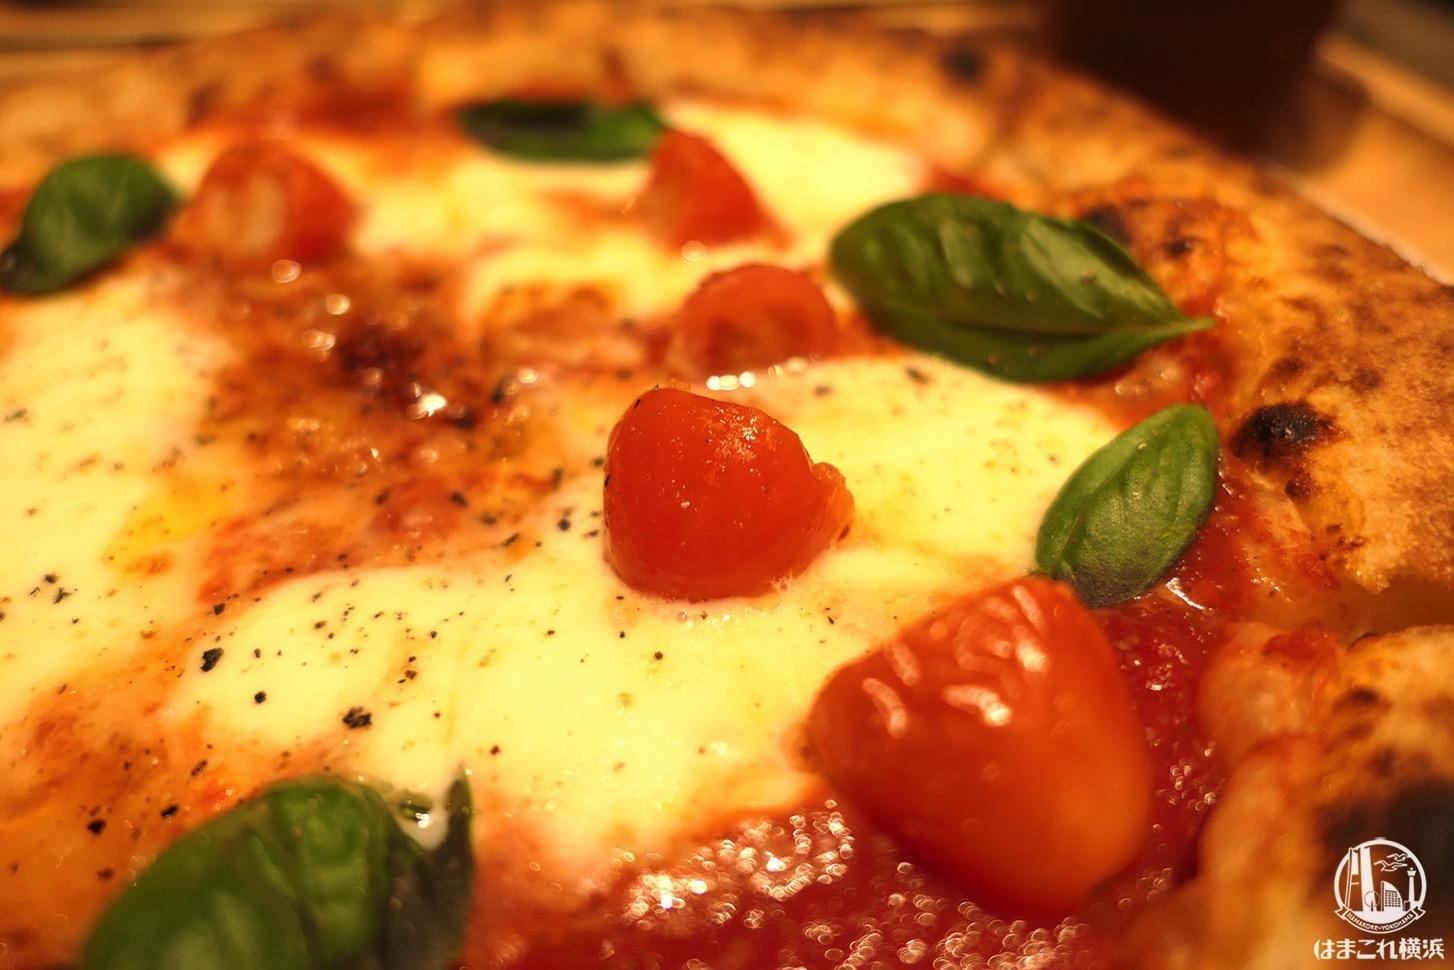 モッツァレラチーズを乗せて焼いたマルゲリータ